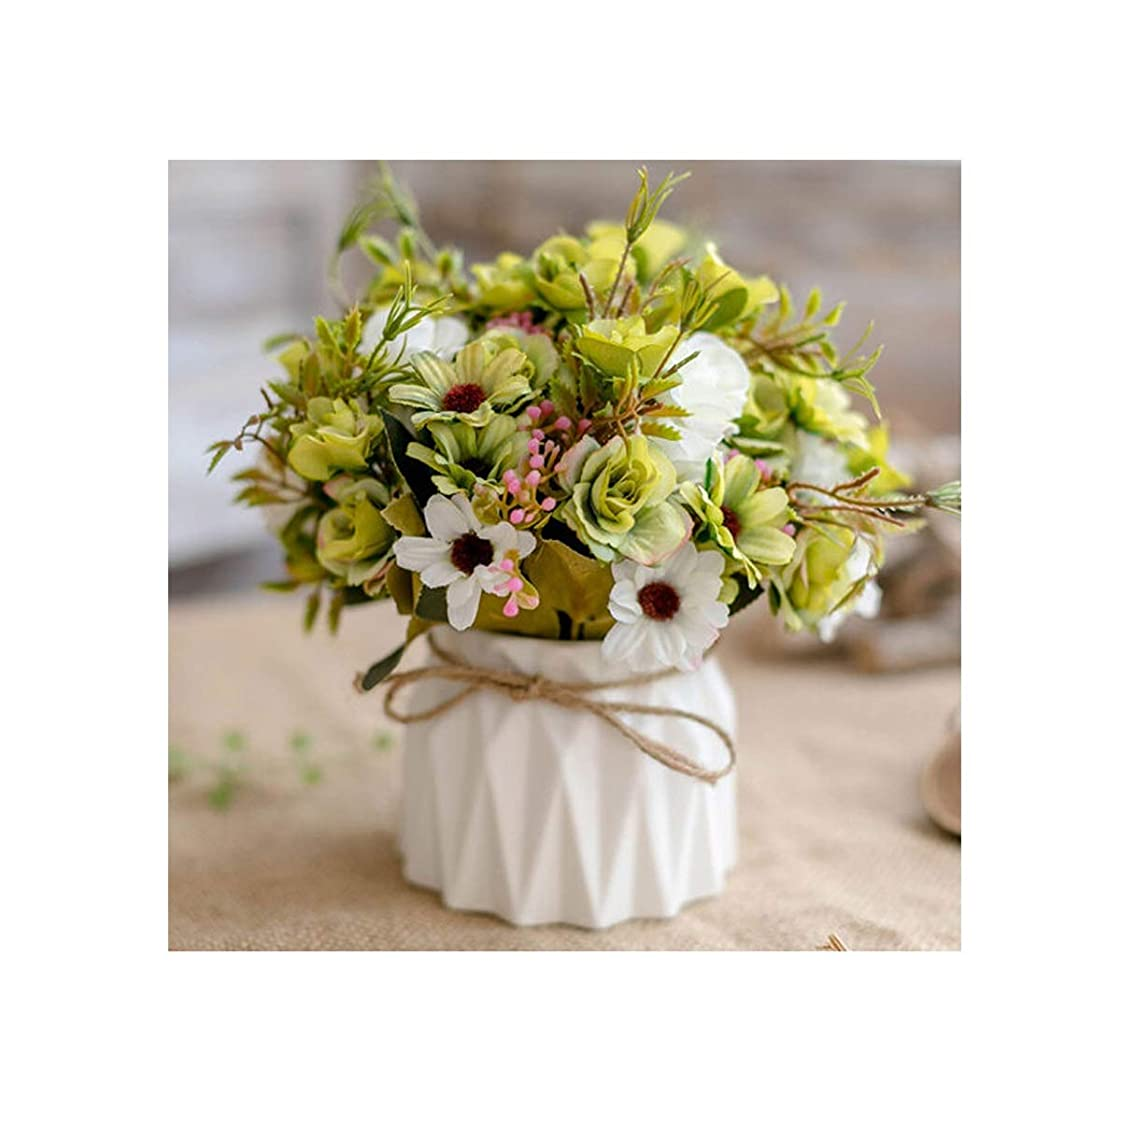 障害者優雅な色SHENGSHIHUIZHONG リビングルーム偽の花人工的な花の装飾プラスチック製の花セラミック花瓶セットテレビキャビネットダイニングテーブル、欧州フラワーアレンジメントブーケの装飾 (Color : Green)